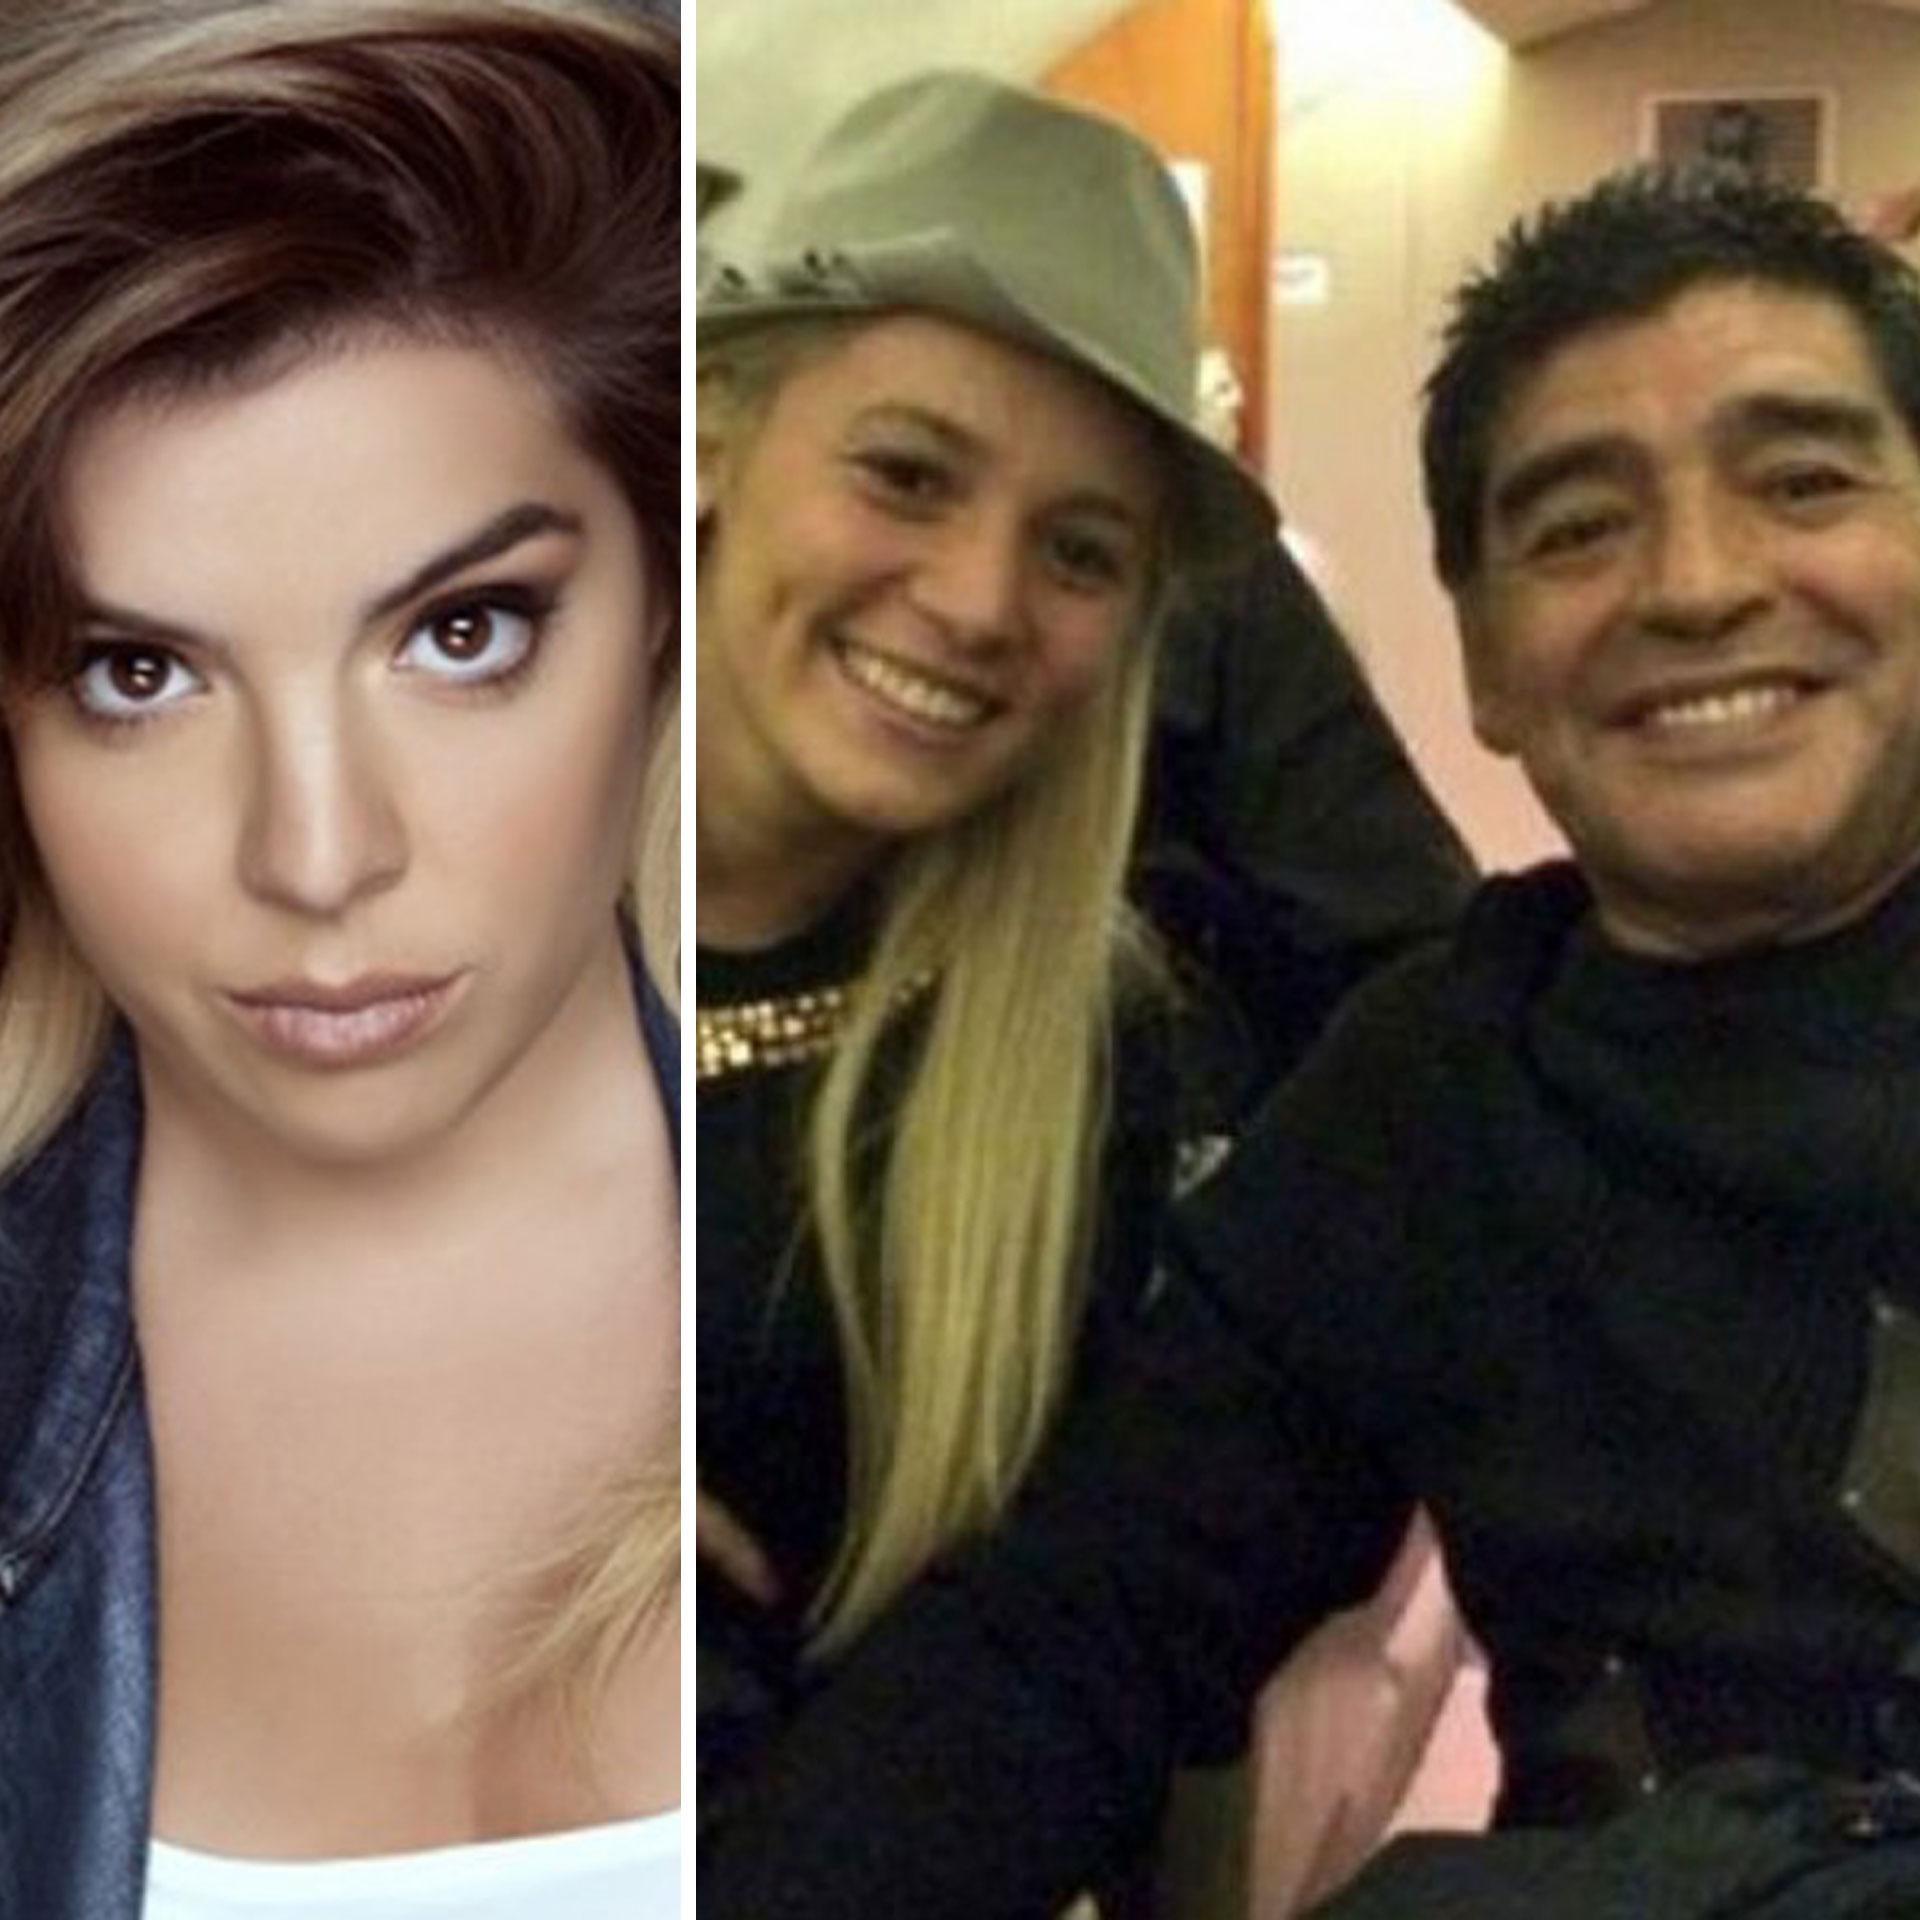 Rocío deberá volver a Buenos Aires mientras Dalma visite a su padre en Dubai para no cruzarse